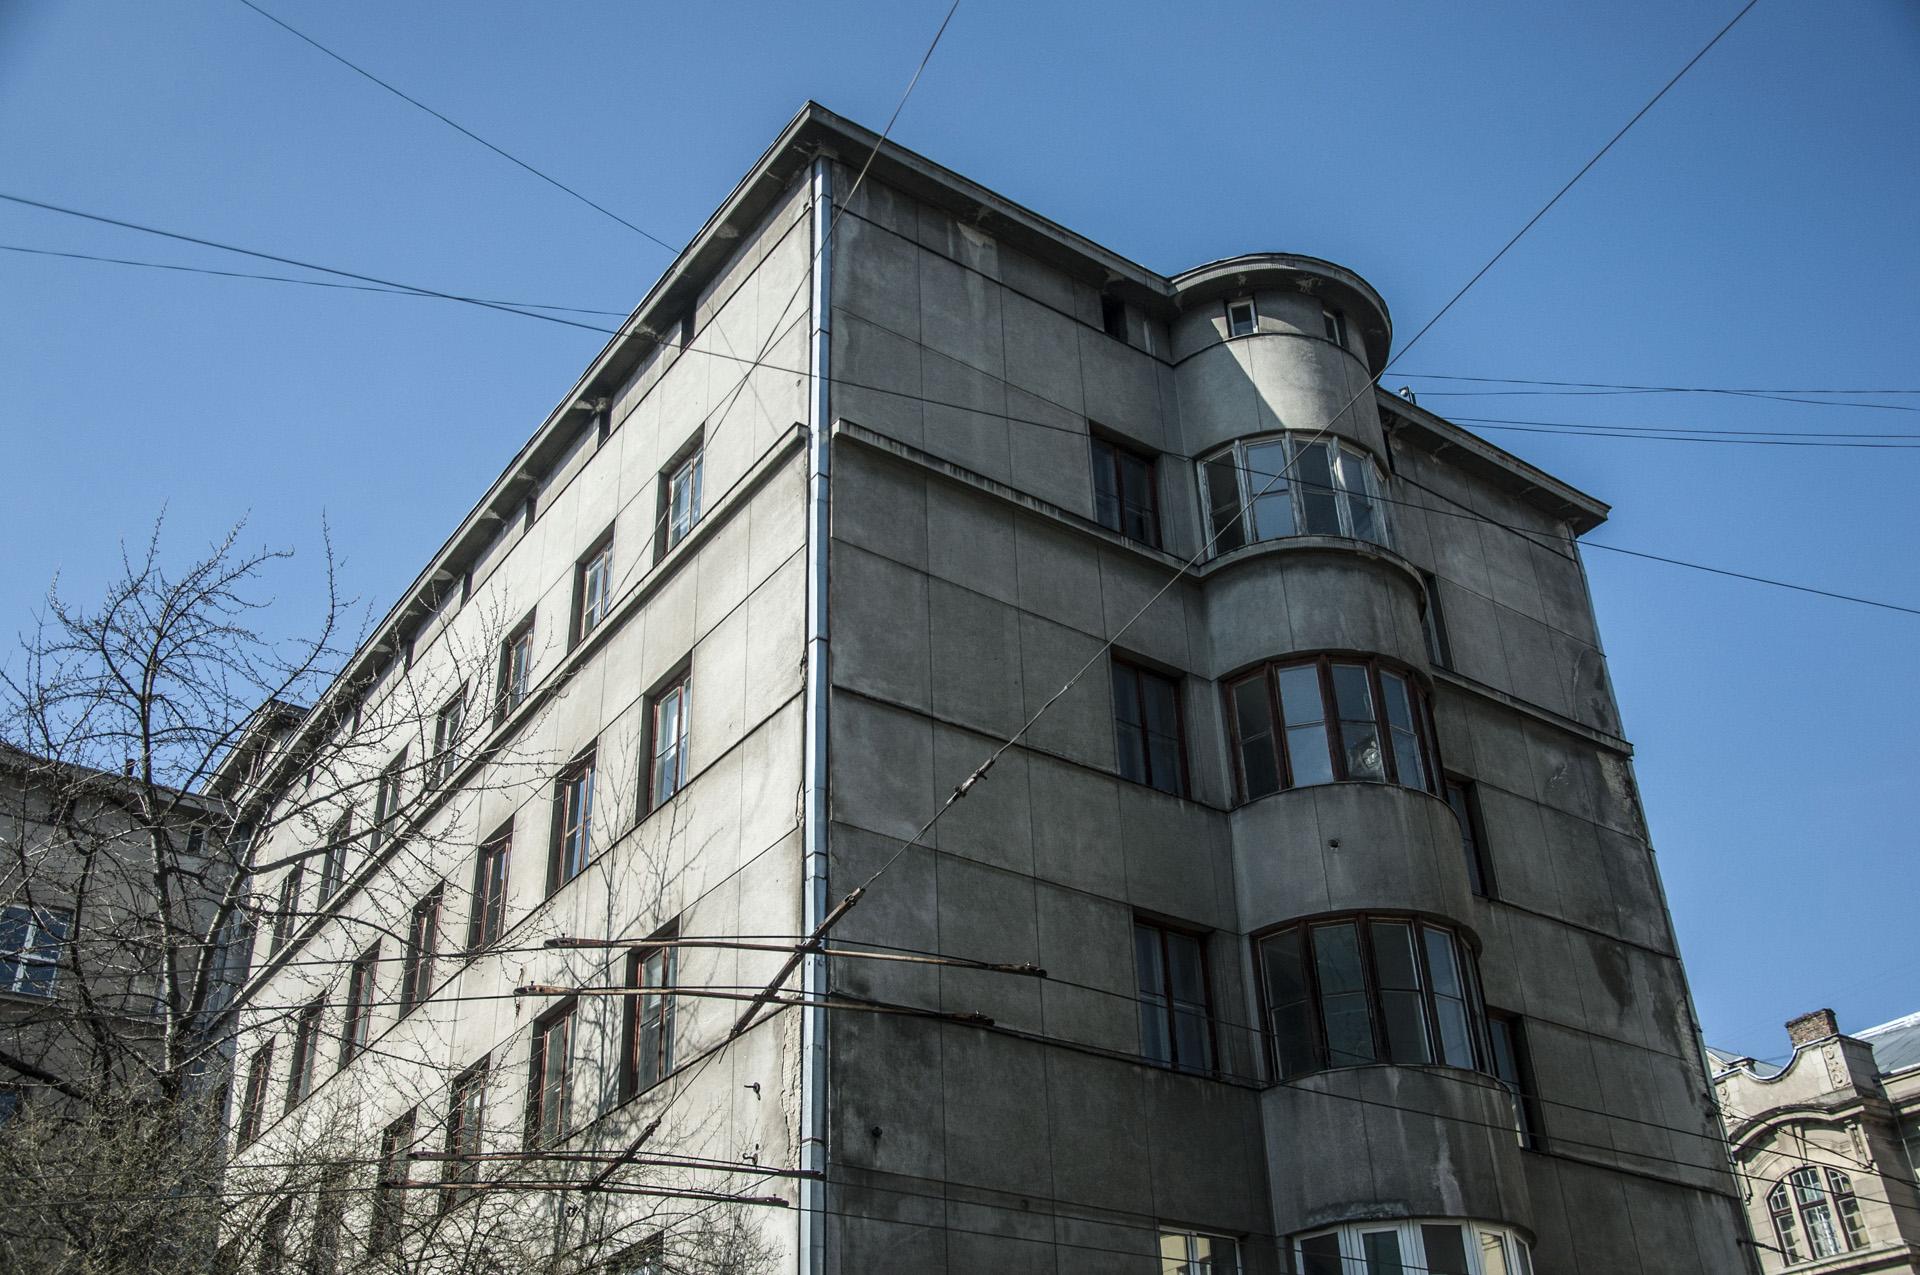 Інститут Вайгля (Факультет мікробіології Медуніверситету)